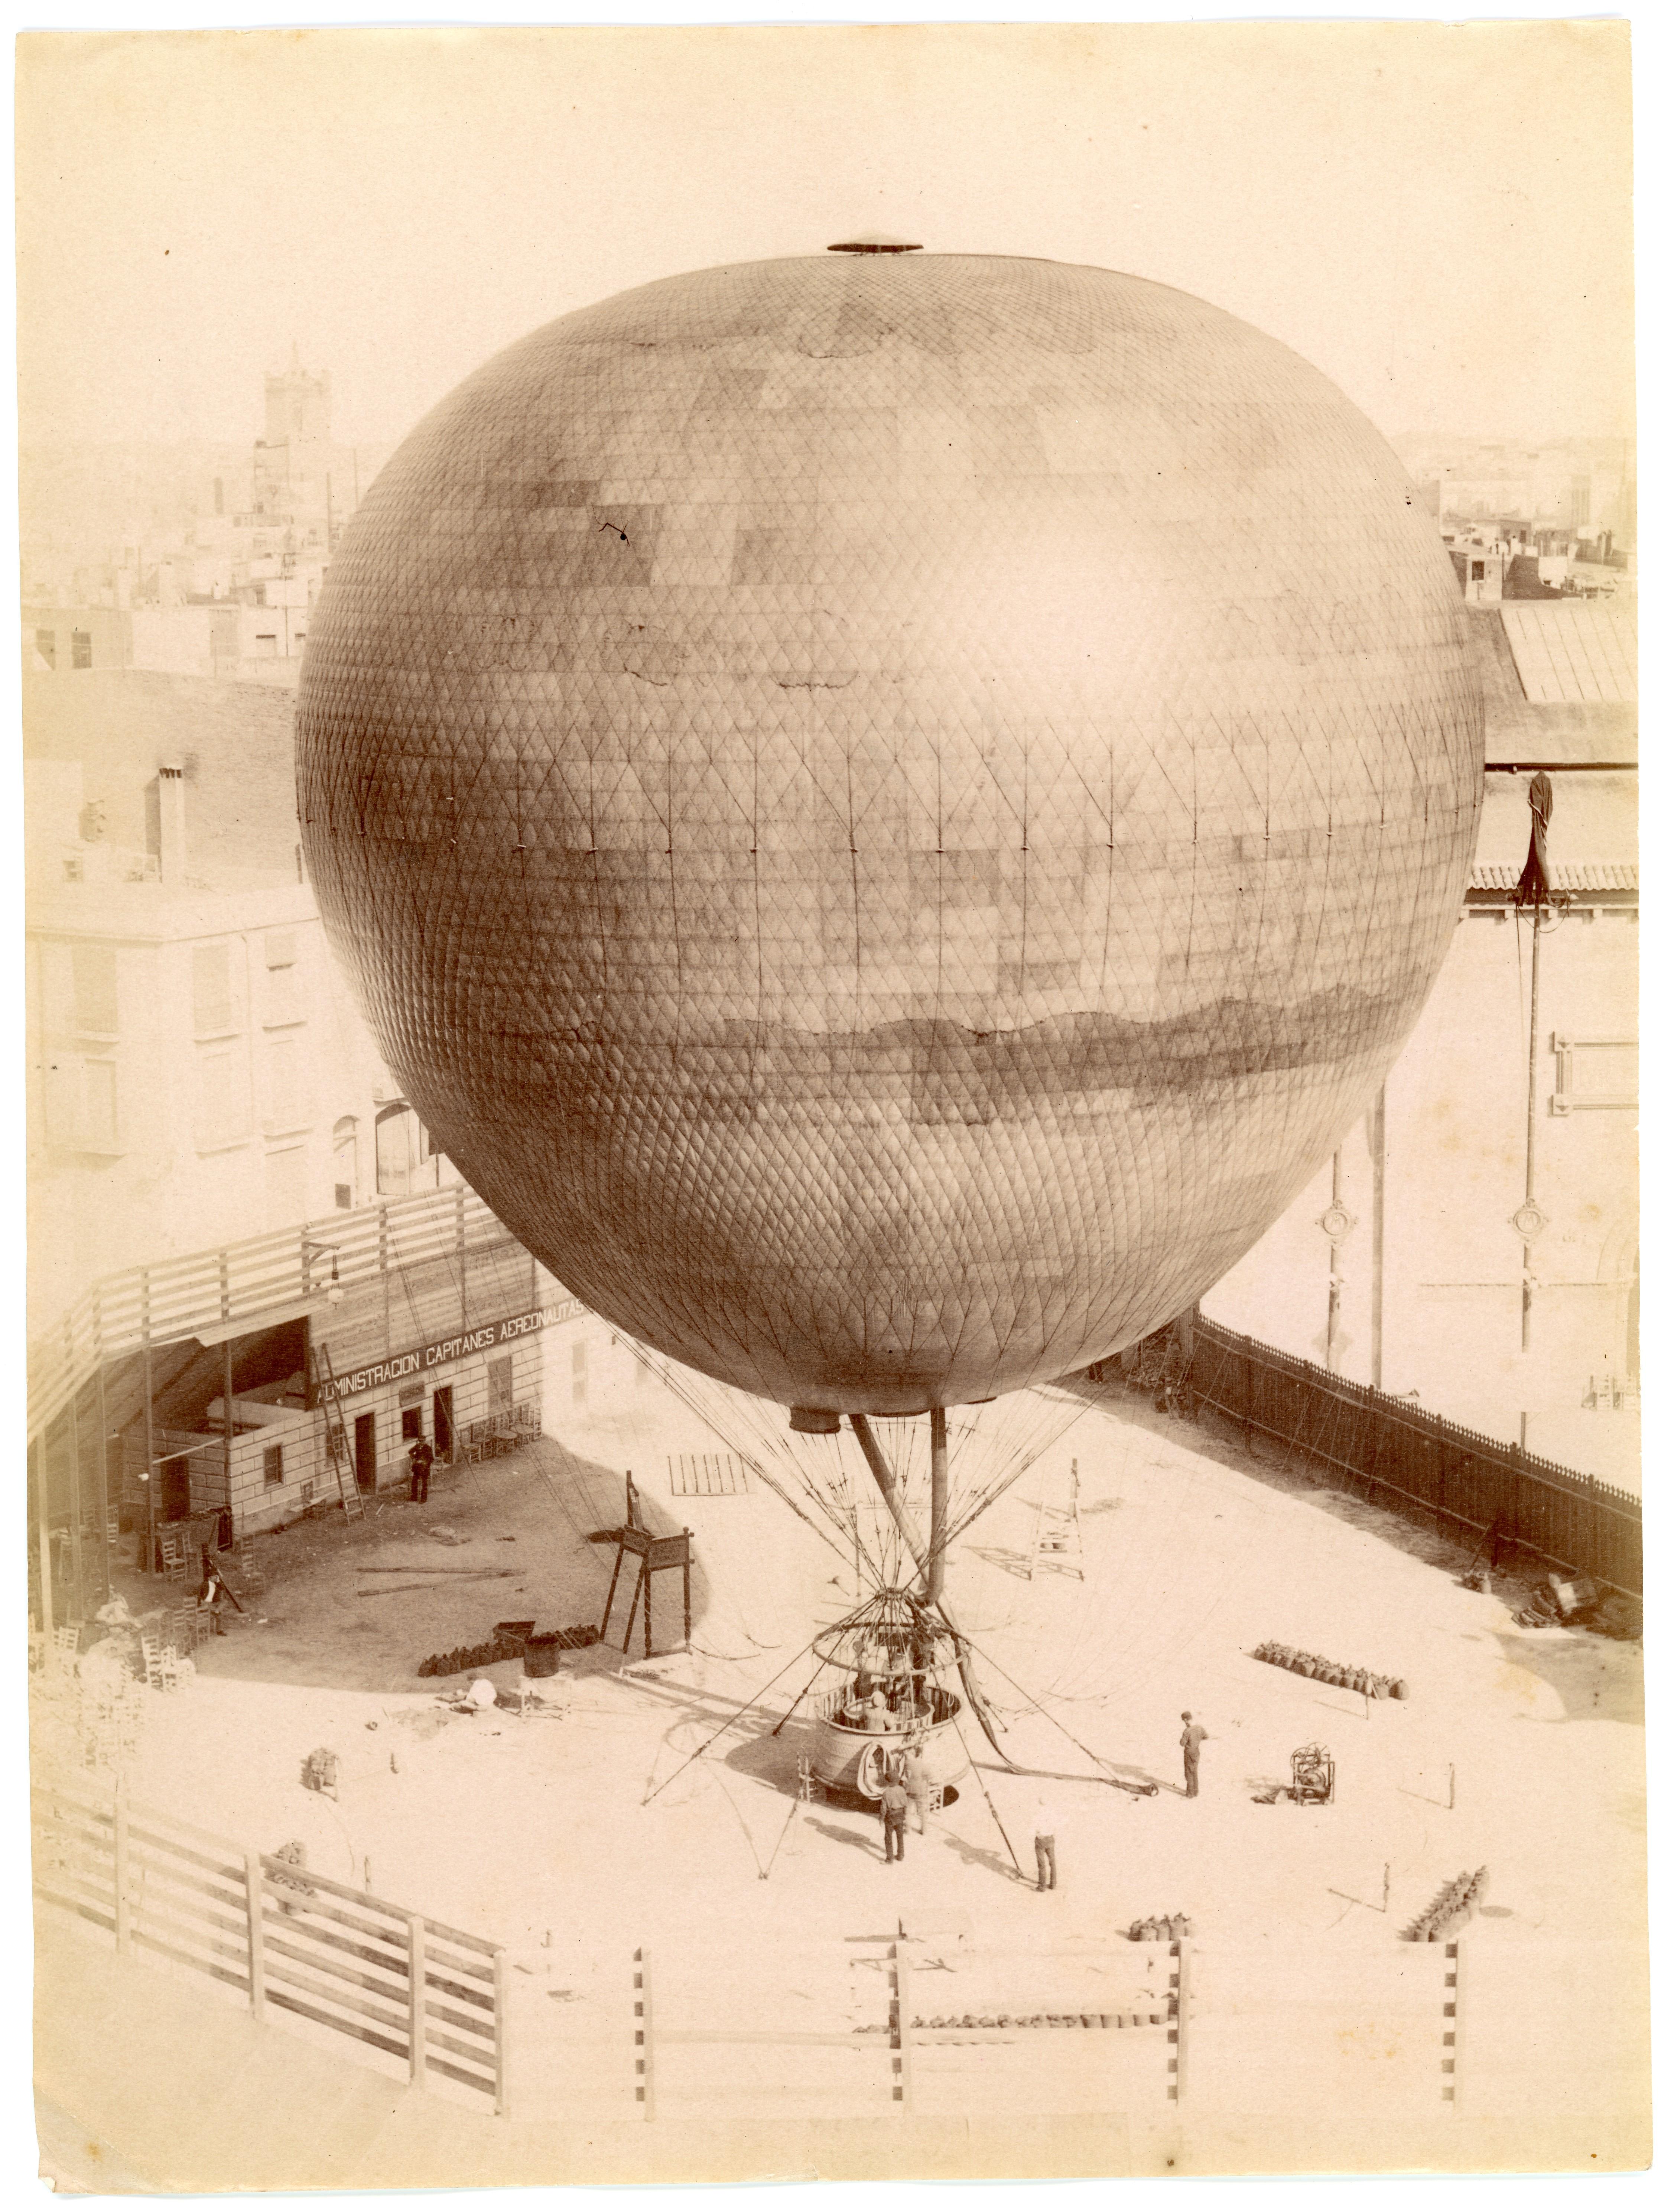 Plano general del globo El Cautivo de la Exposición Universal de 1888